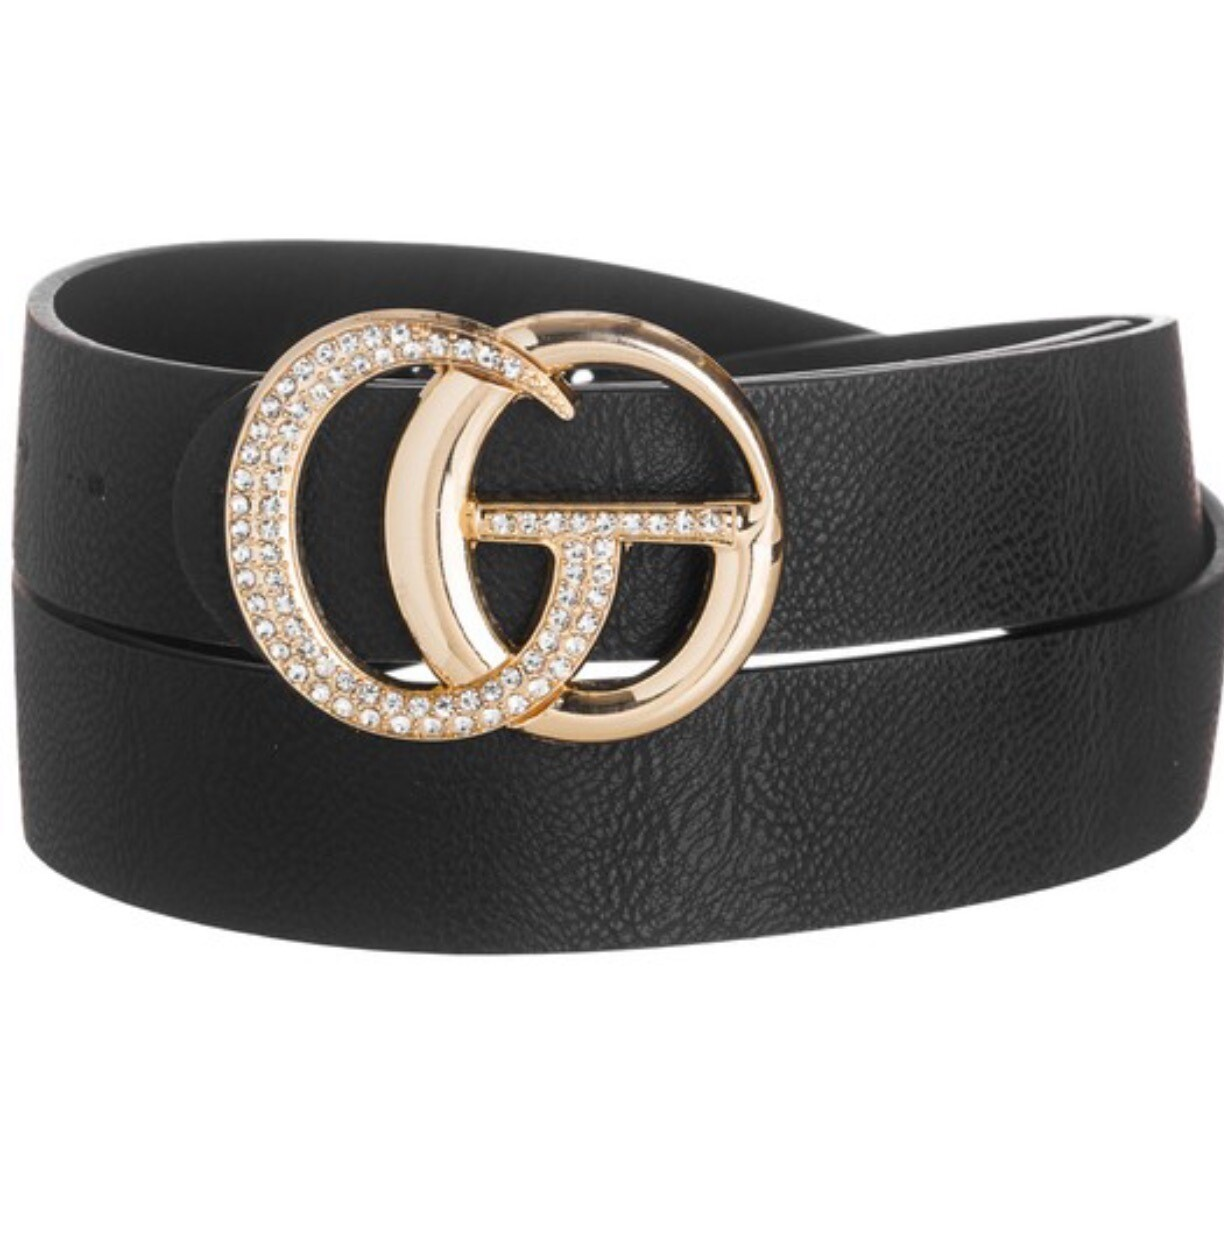 """Fashion Belt -  Black 1.25"""" W, 32"""" L with Rhinestone Buckle"""